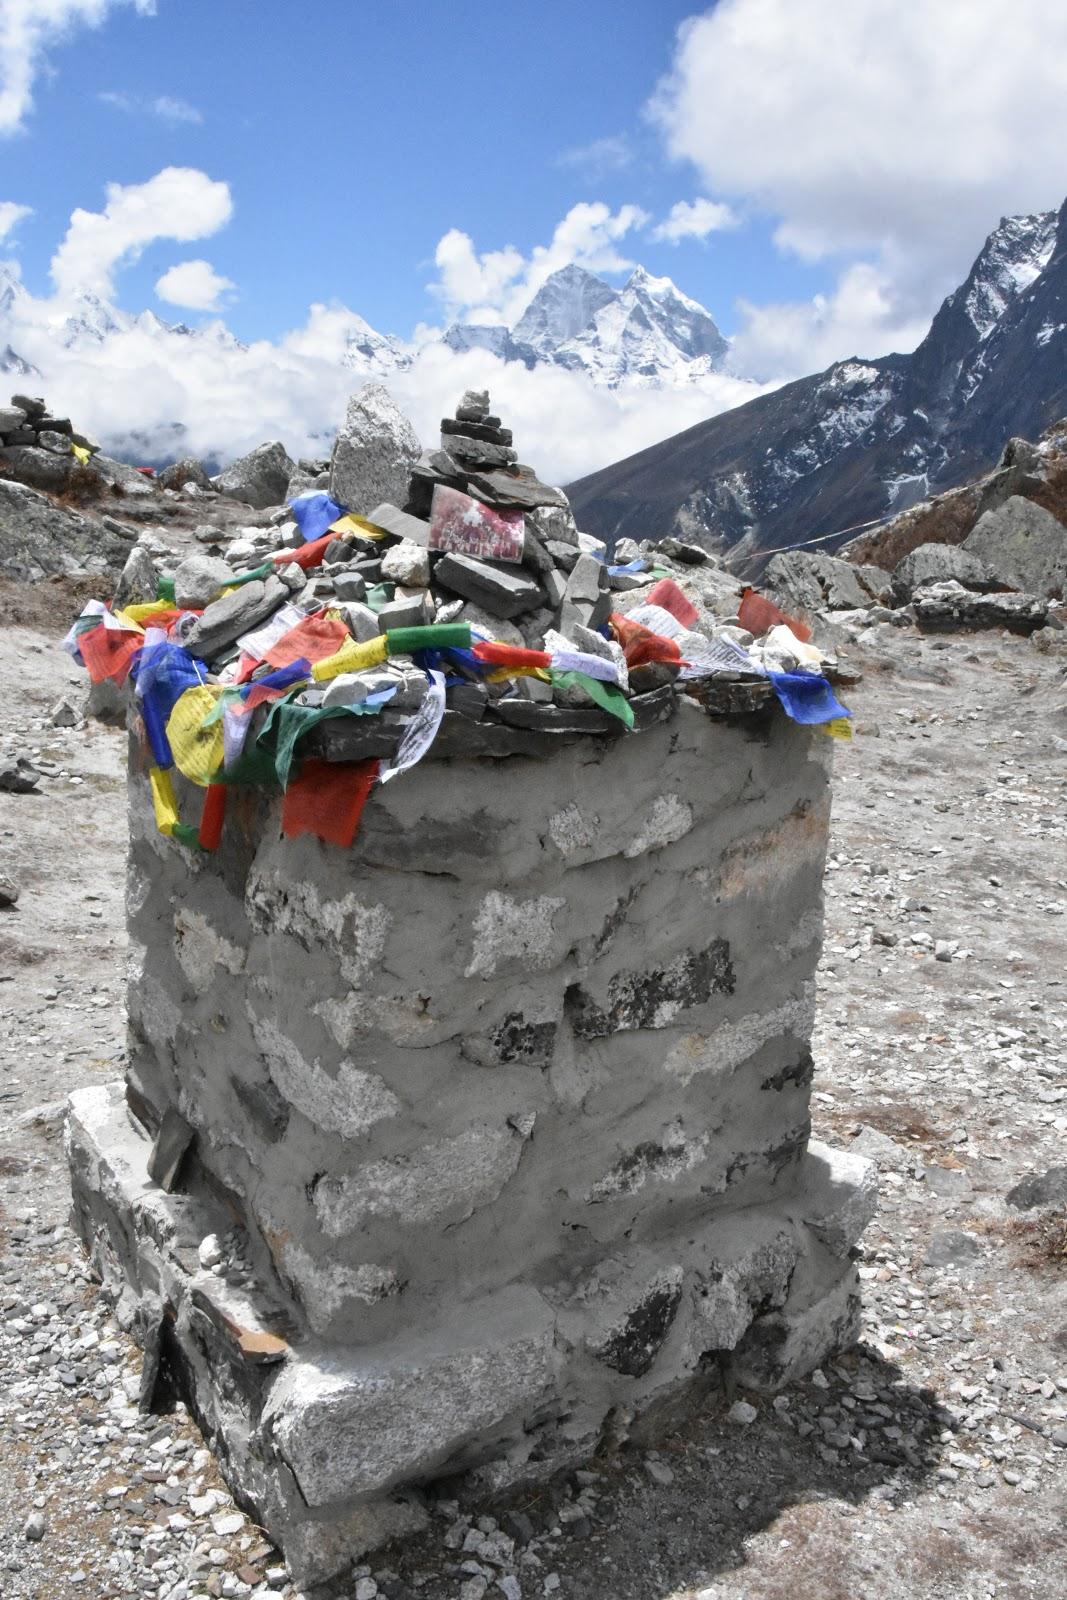 Sur Expedition Et Everest Mortalité 2017La Fréquentation L'everest yY6gvb7f